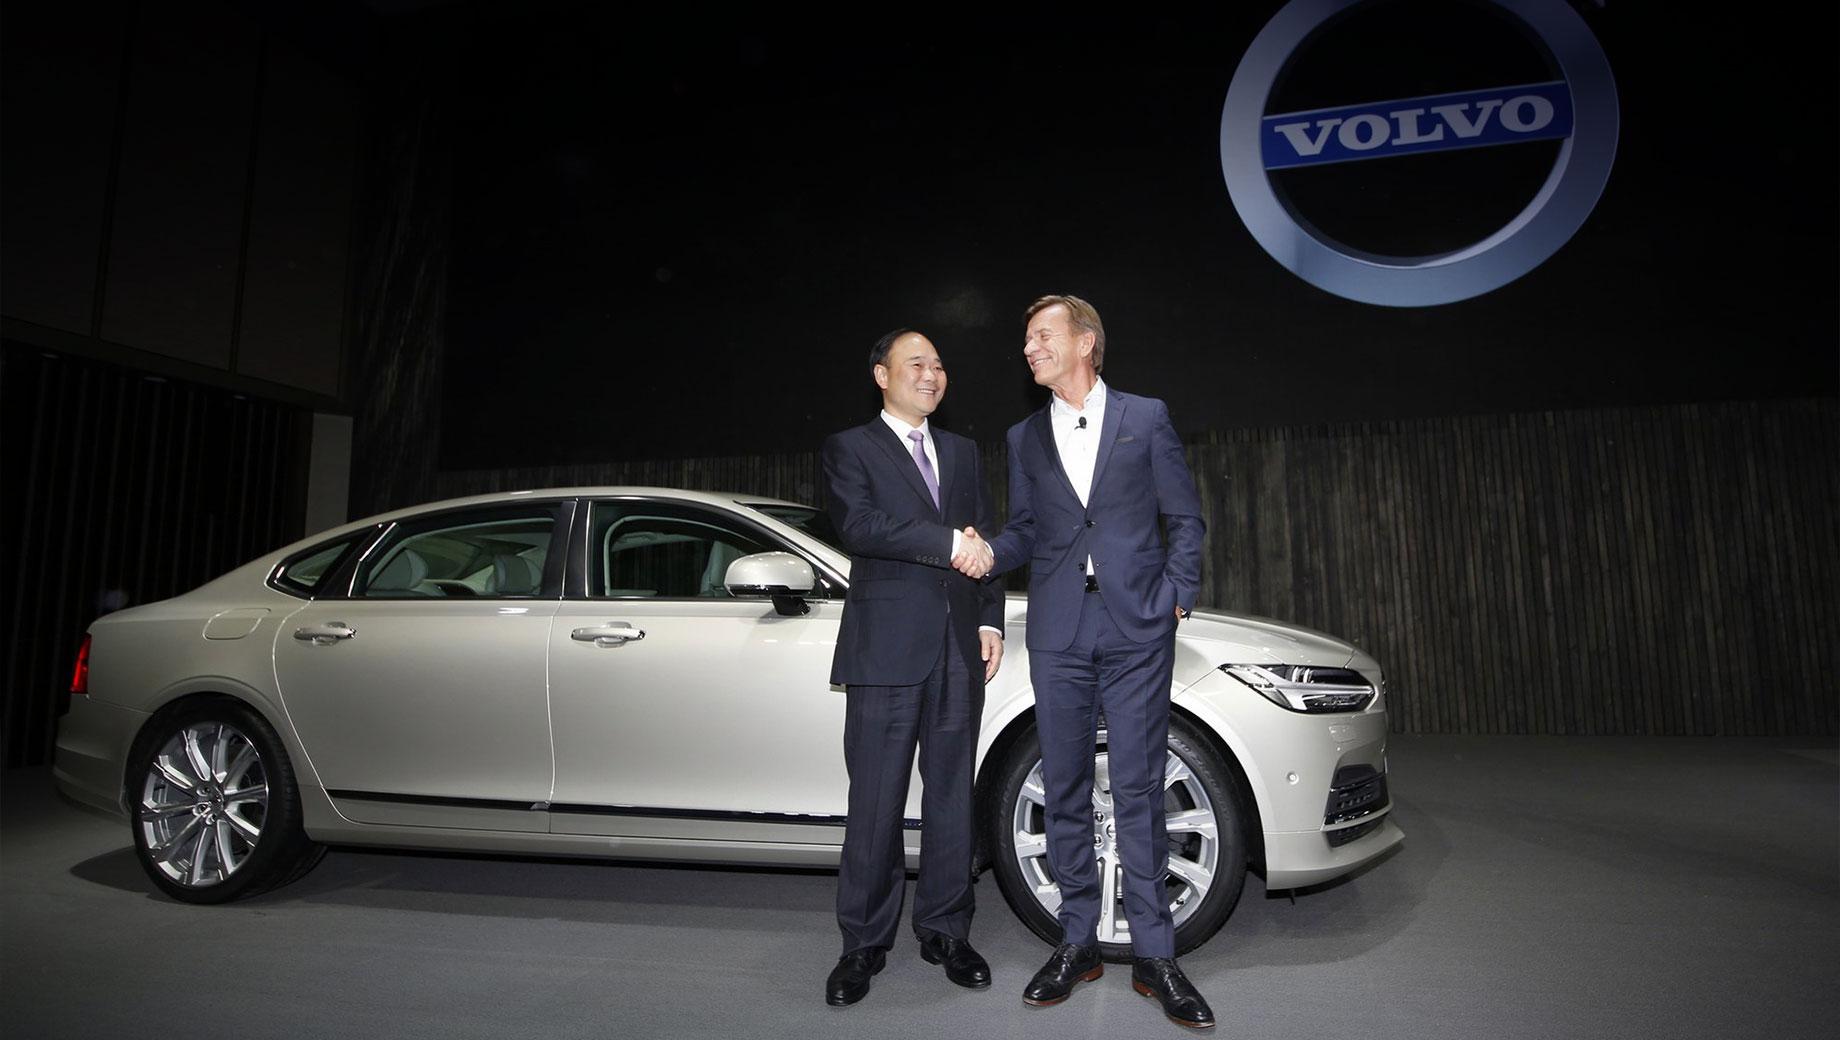 Volvo и Geely отказались от слияния в пользу расширения партнёрства